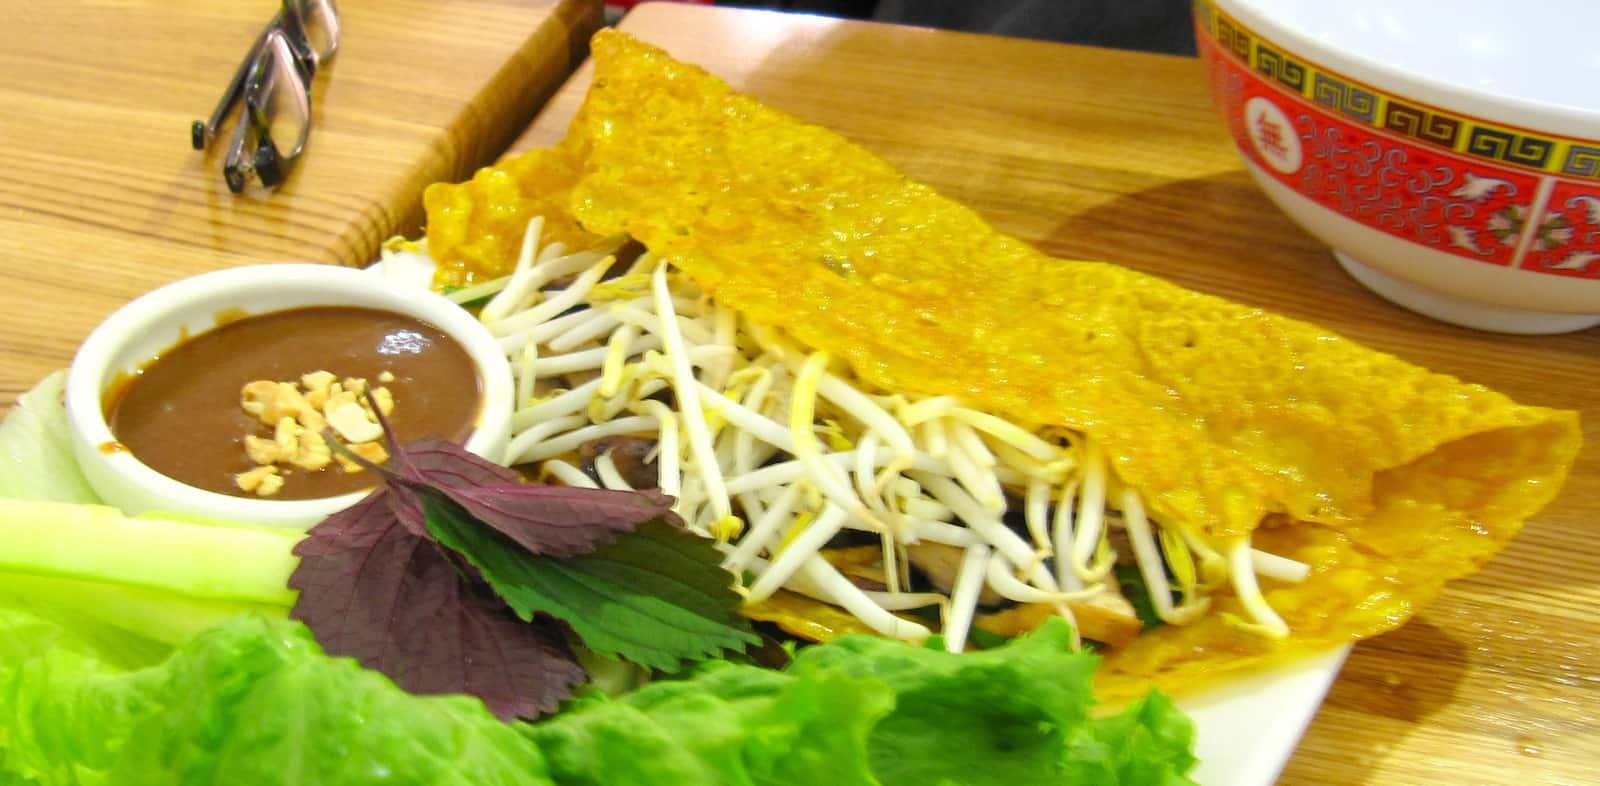 Top 7 Địa Chỉ Ăn Bánh Xèo Mực Đặc Biệt & Độc Đáo Ở Nha Trang -  - Bánh Xèo 10A Huỳnh Thúc Kháng | Bánh Xèo Bạch Đằng | Bánh Xèo Bình Dân Đường 2/4 27